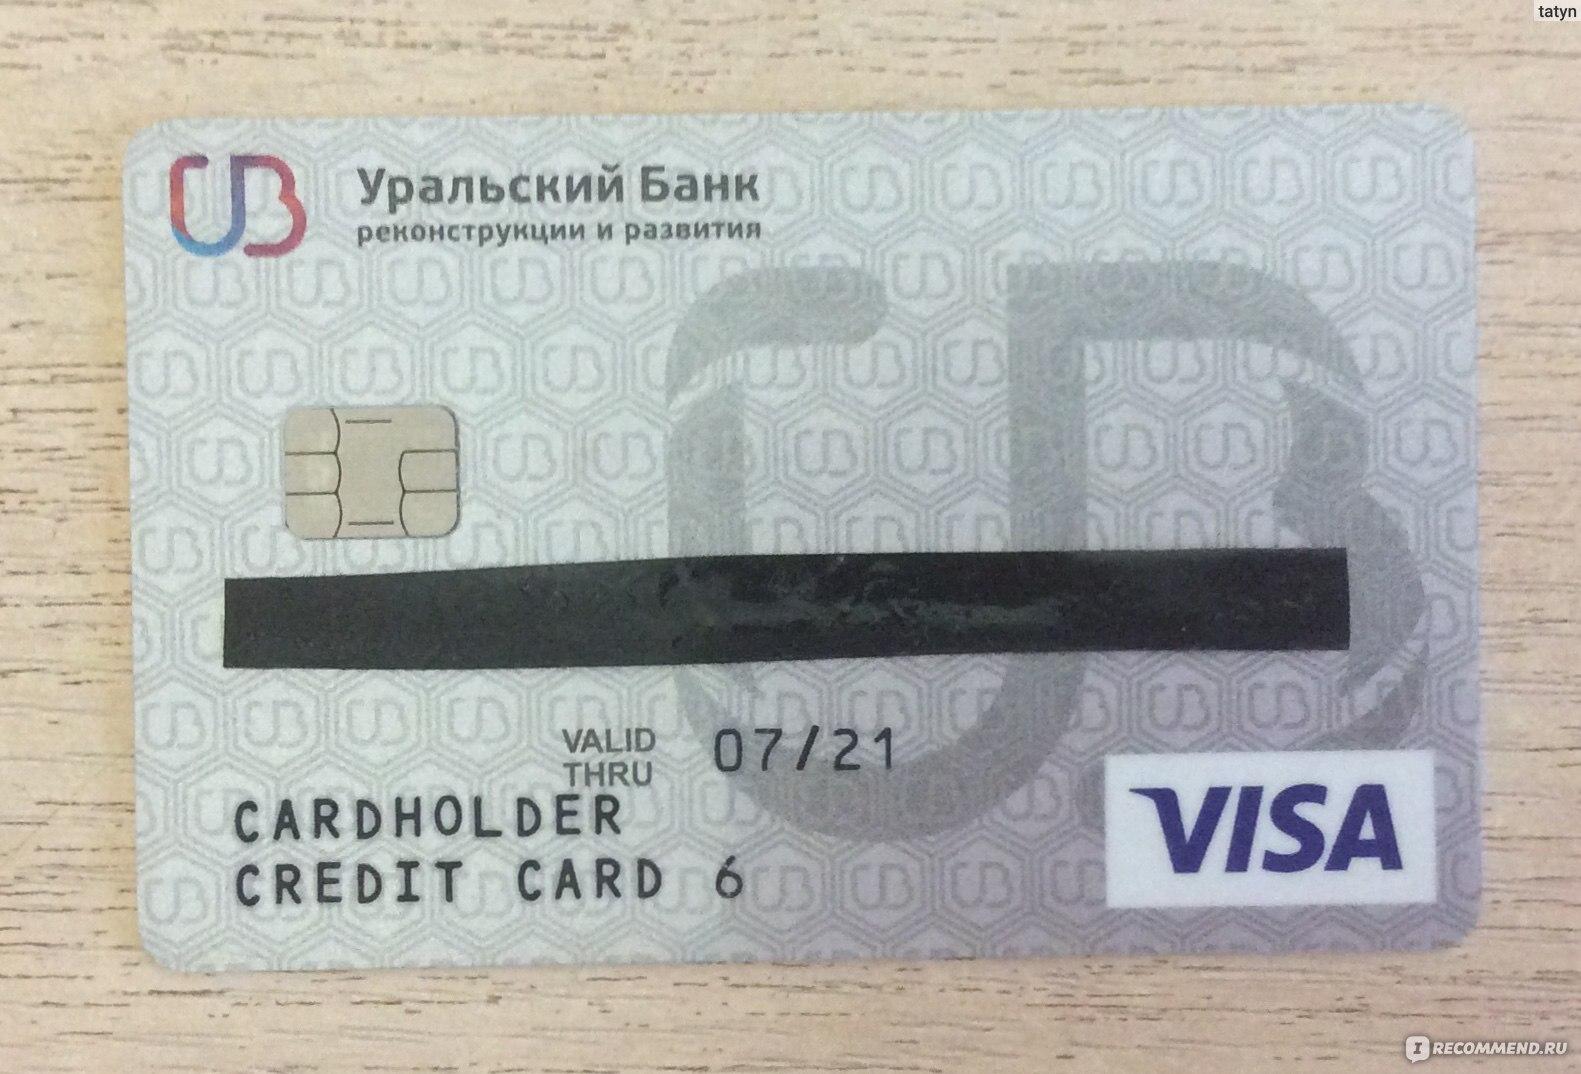 Кредитная карта уральский банк реконструкции и развития отзывы